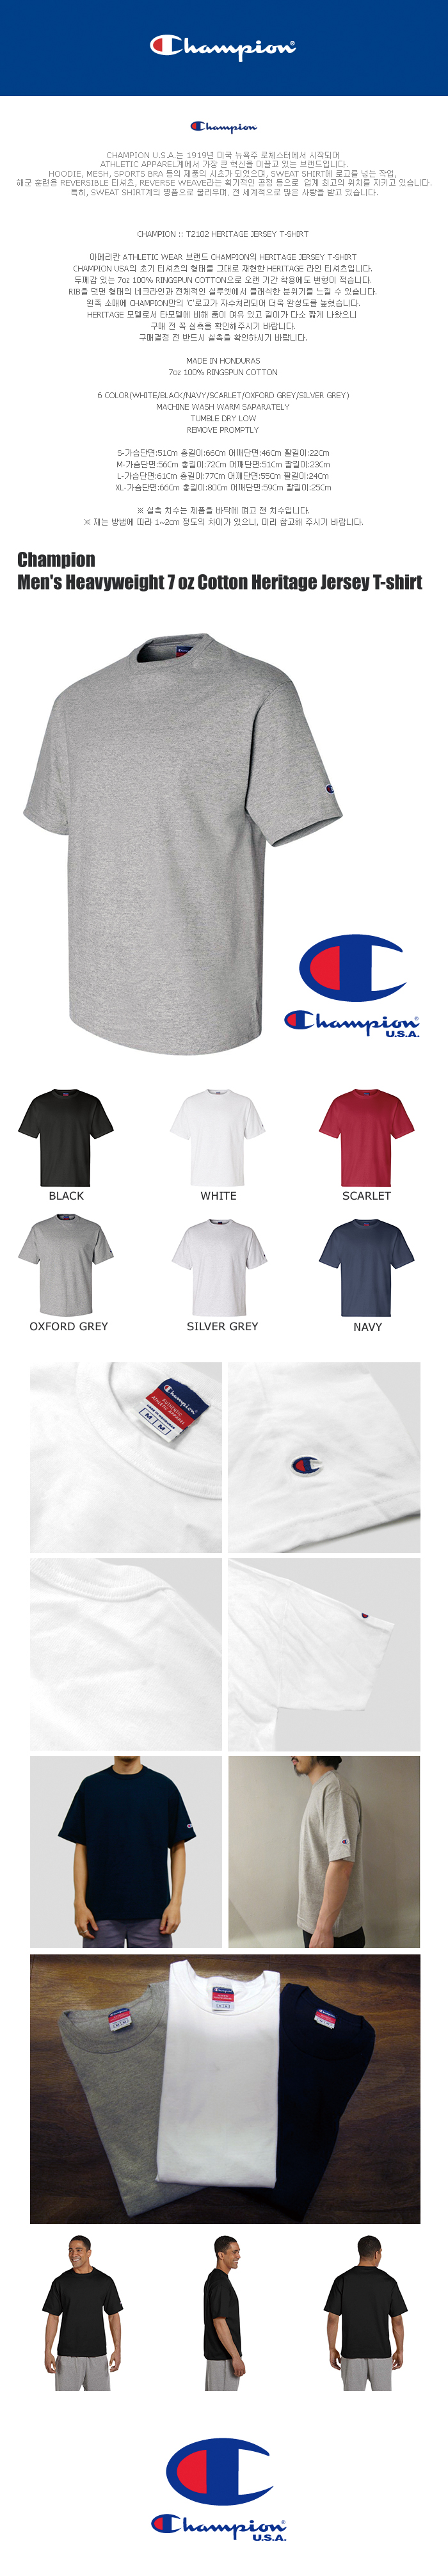 챔피온(CHAMPION) 챔피온 헤비웨이트 헤리티지 져지 티셔츠 (6 COLORS)